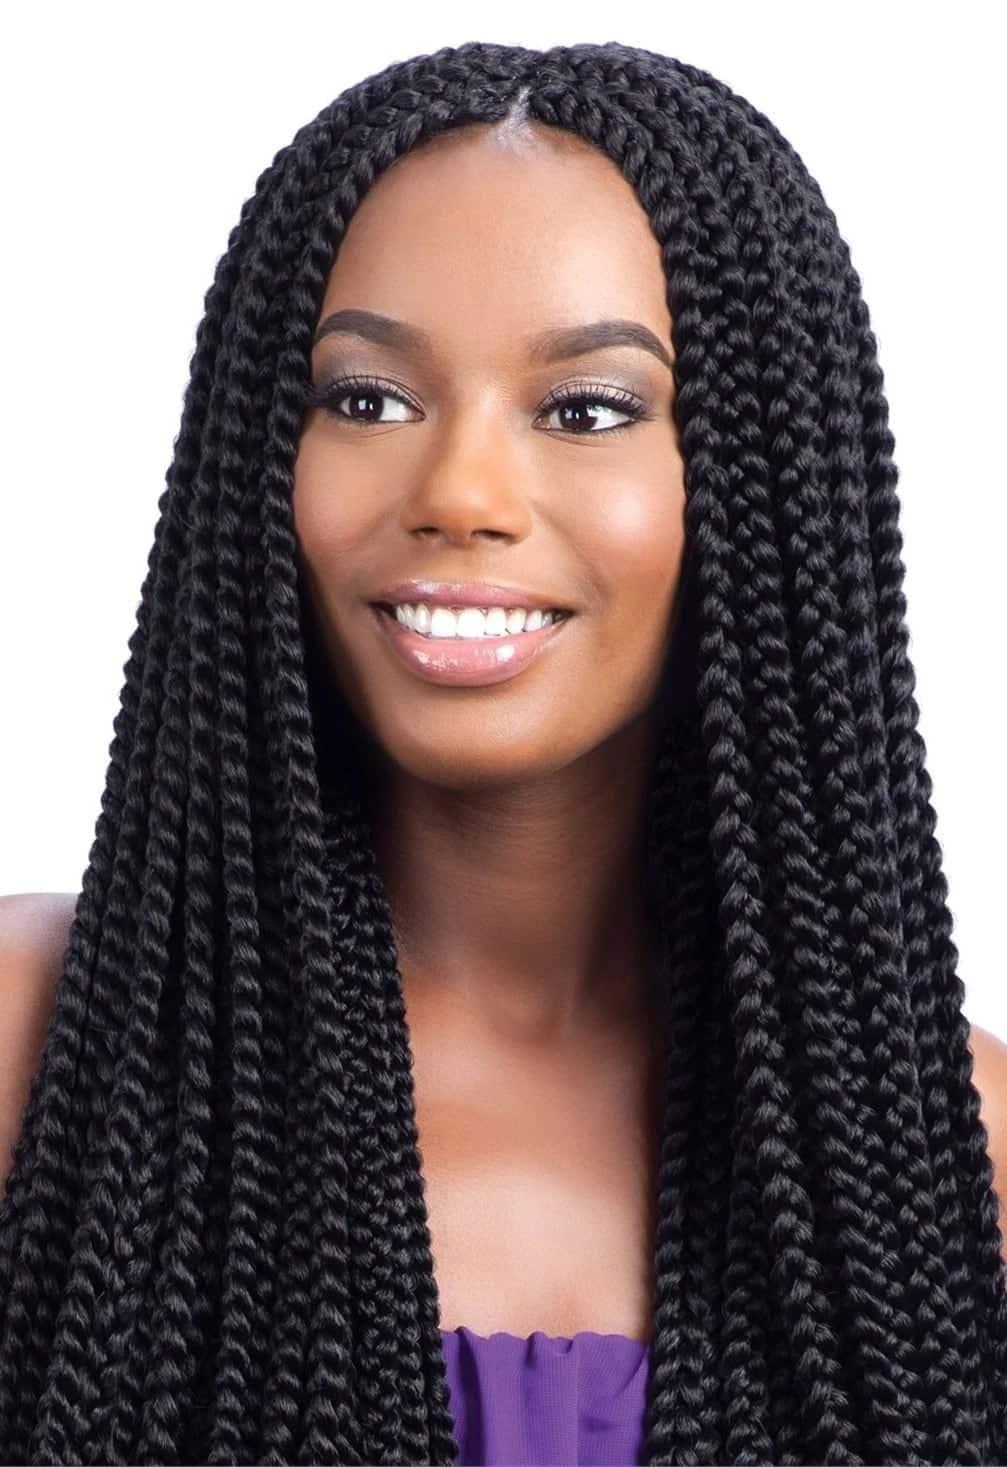 Best Nigerian Braids Hairstyles In 2019 Pictures Tuko Co Ke